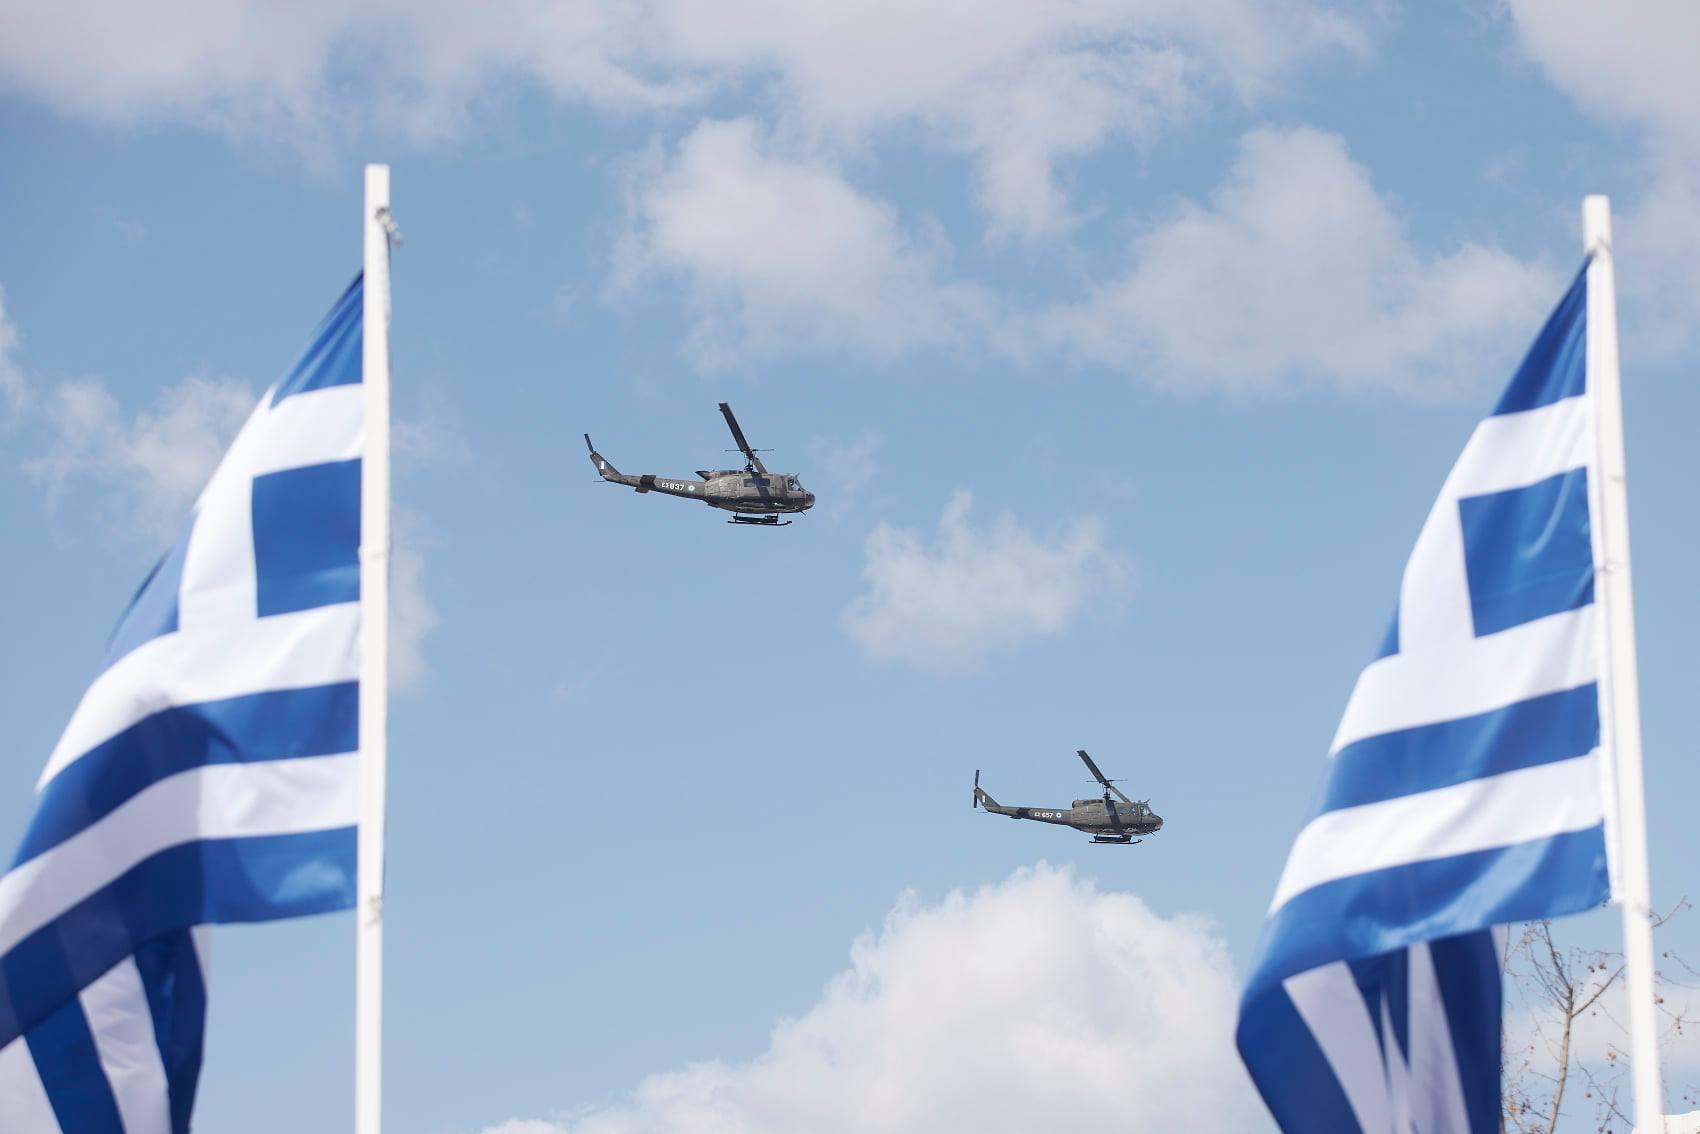 παρέλαση στο Σύνταγμα 200 χρόνων από την έναρξη της ελληνικής επανάστασης